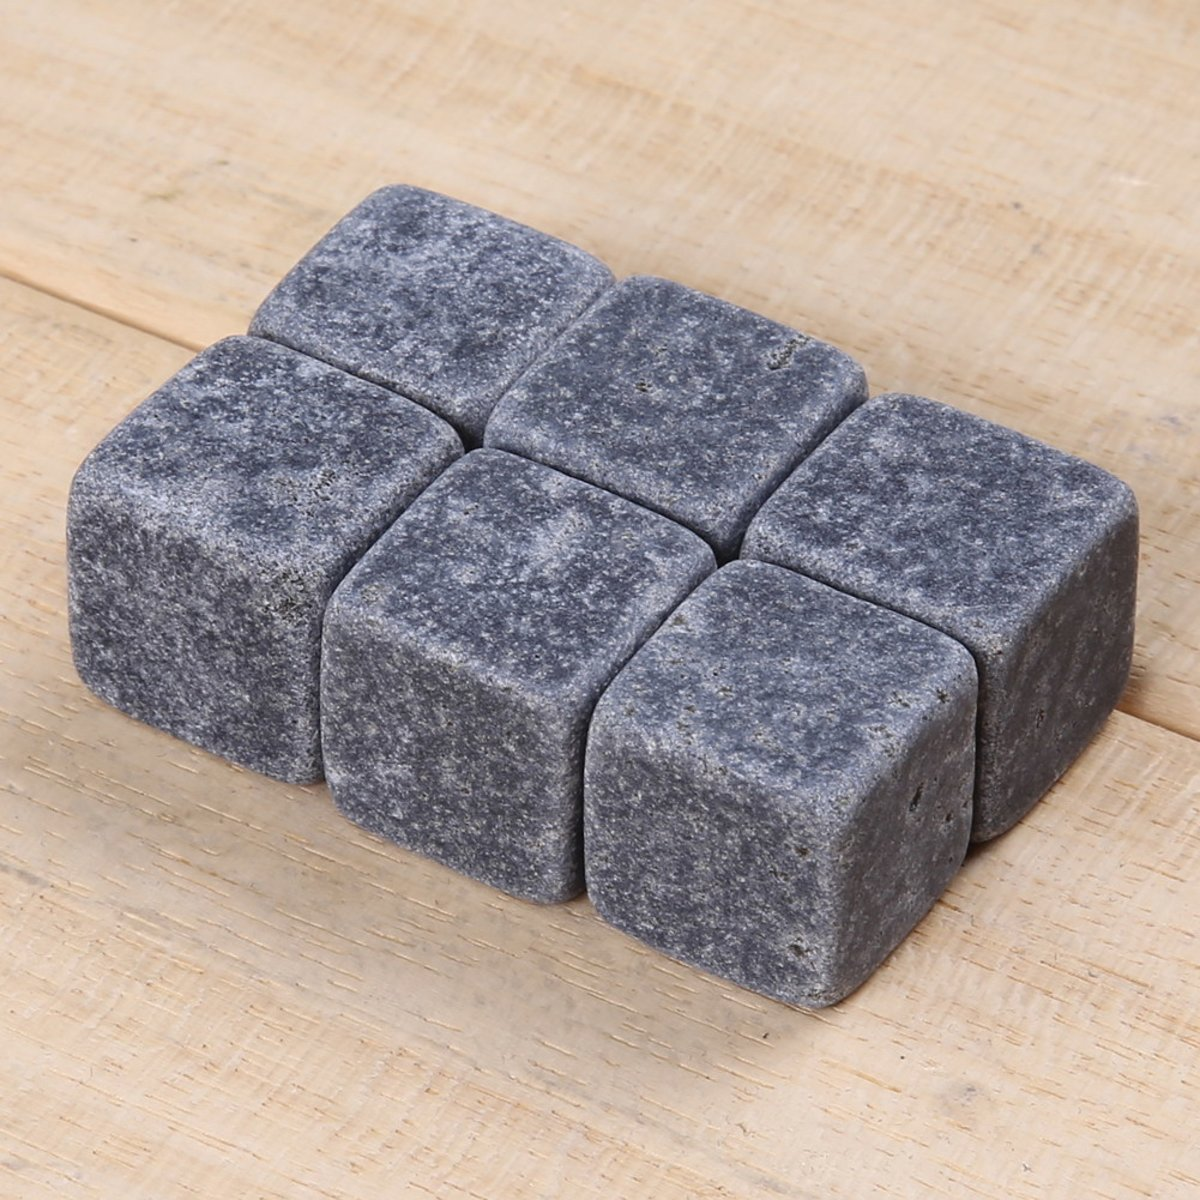 6x Handige whiskey stones / ijsstenen om uw drank cool te houden zonder dat deze verwatert kopen